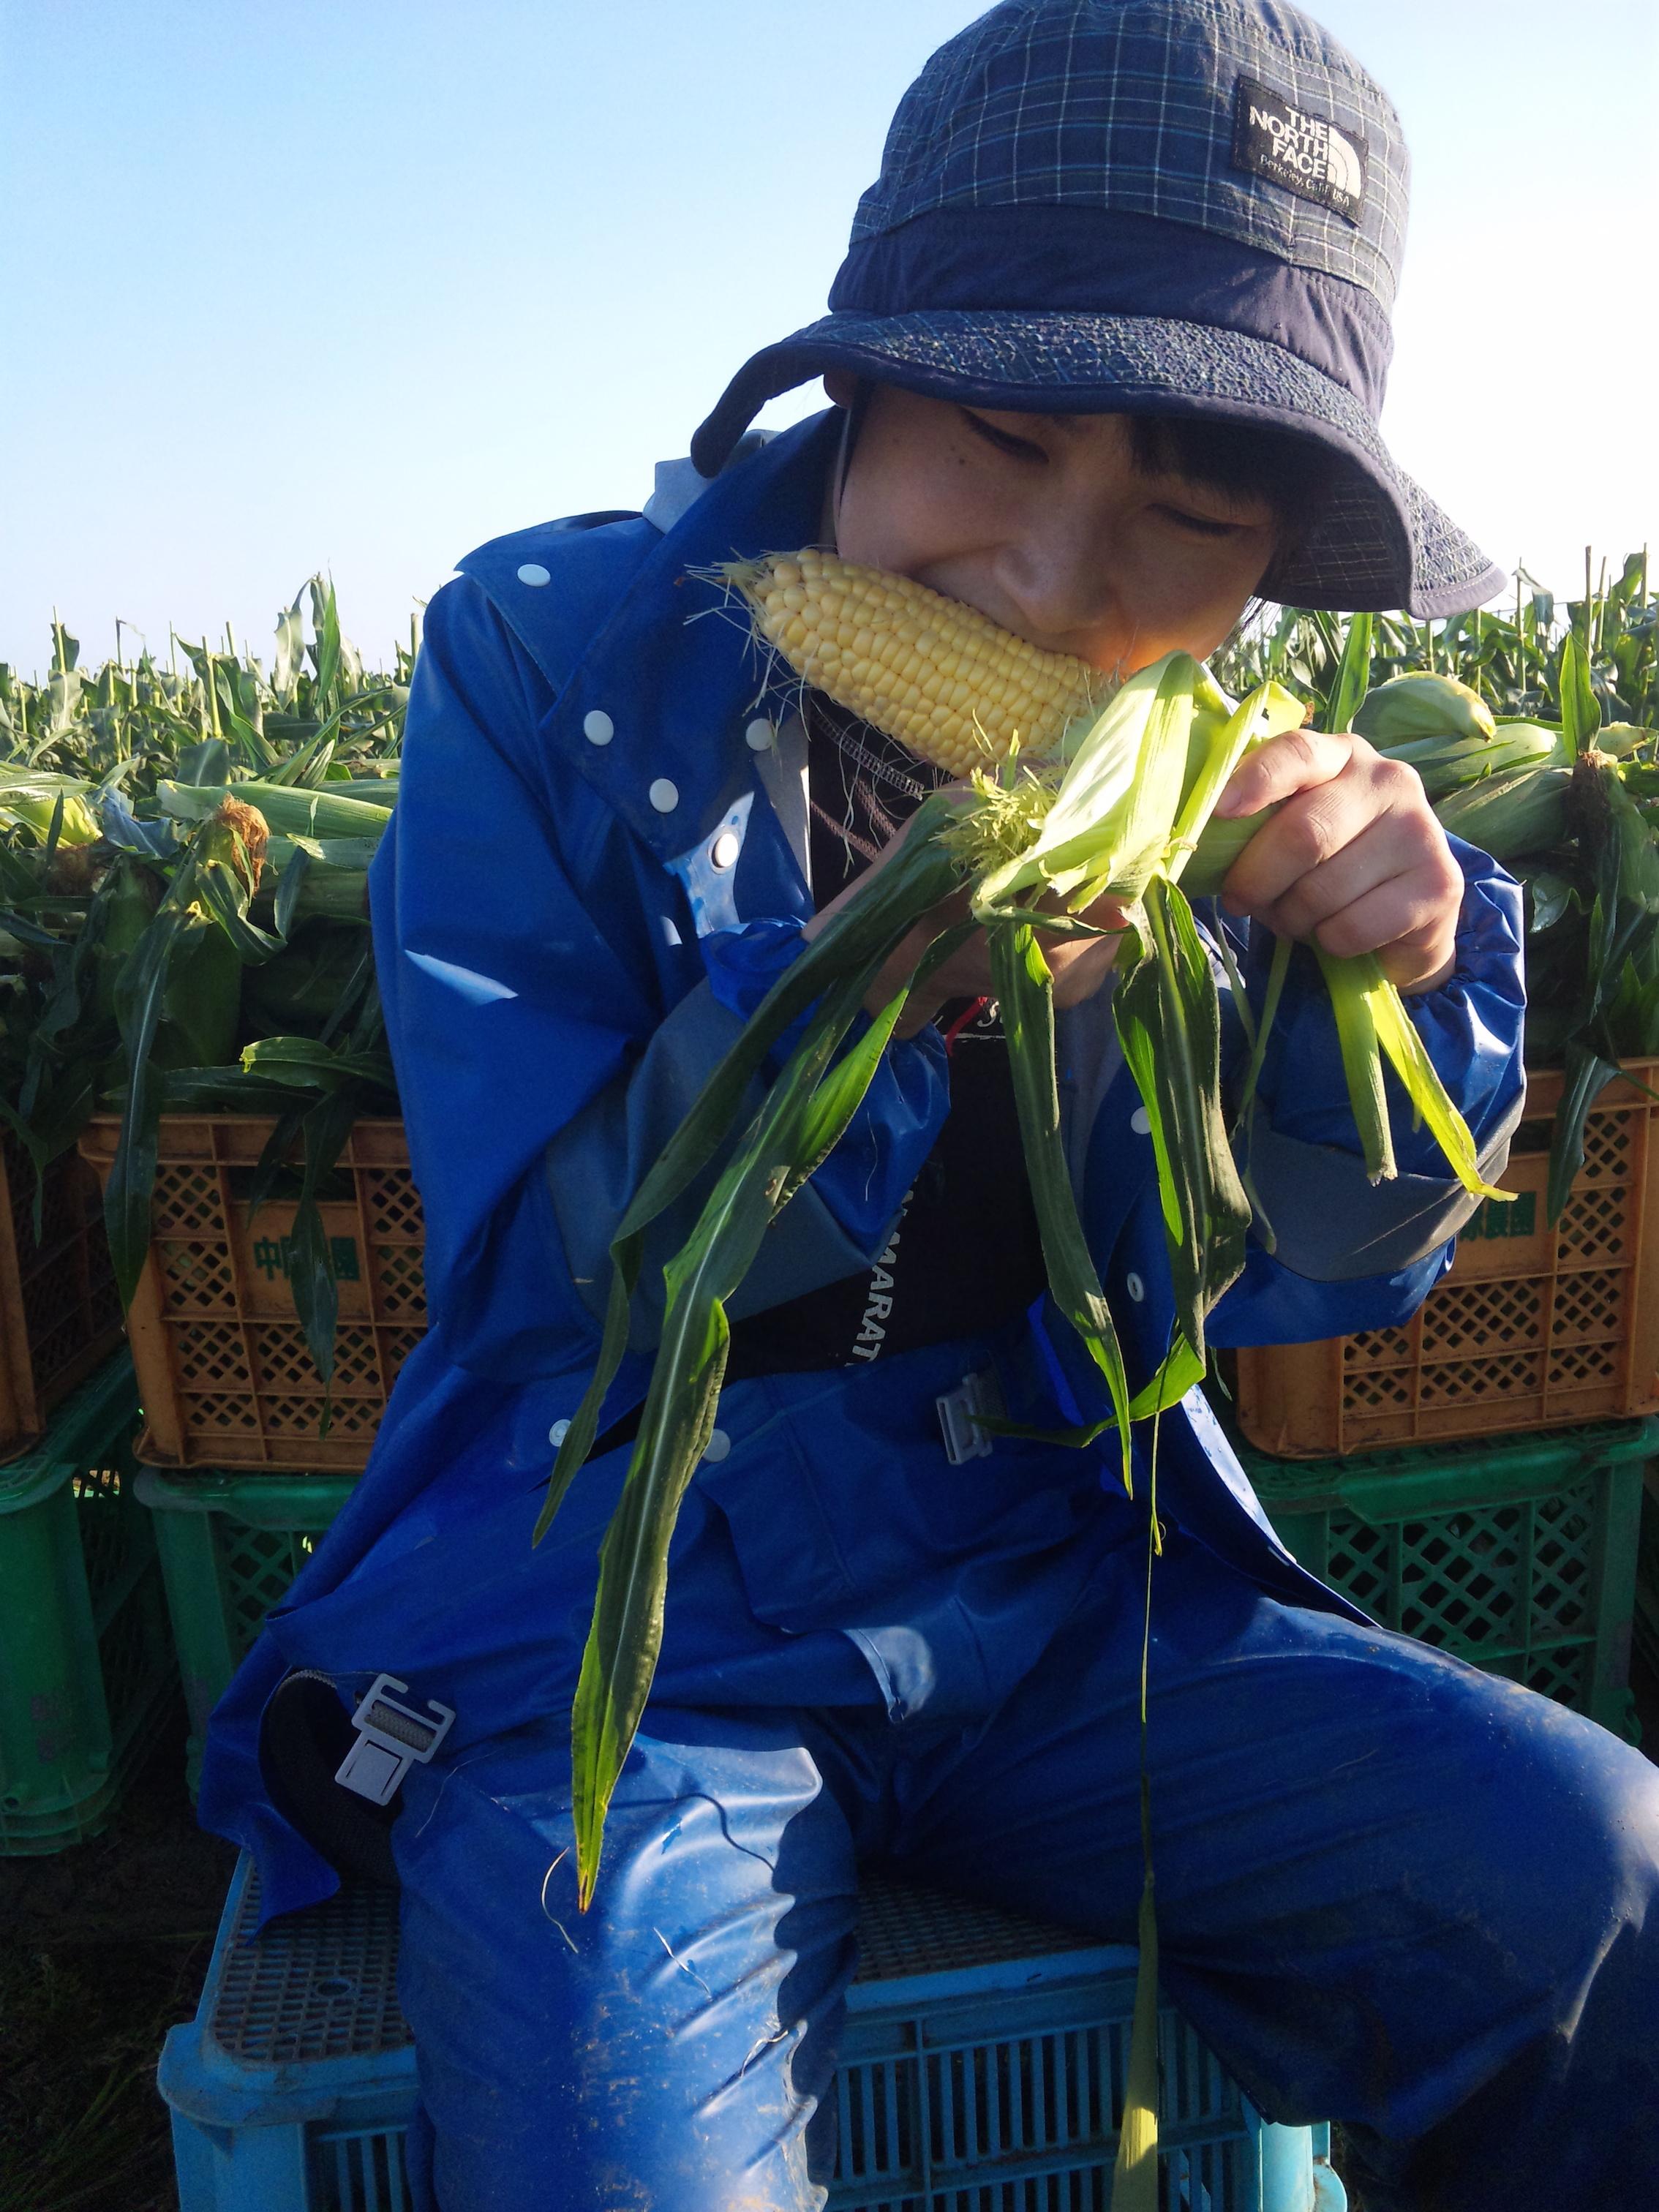 収穫直後のトウモロコシを生でパクリ